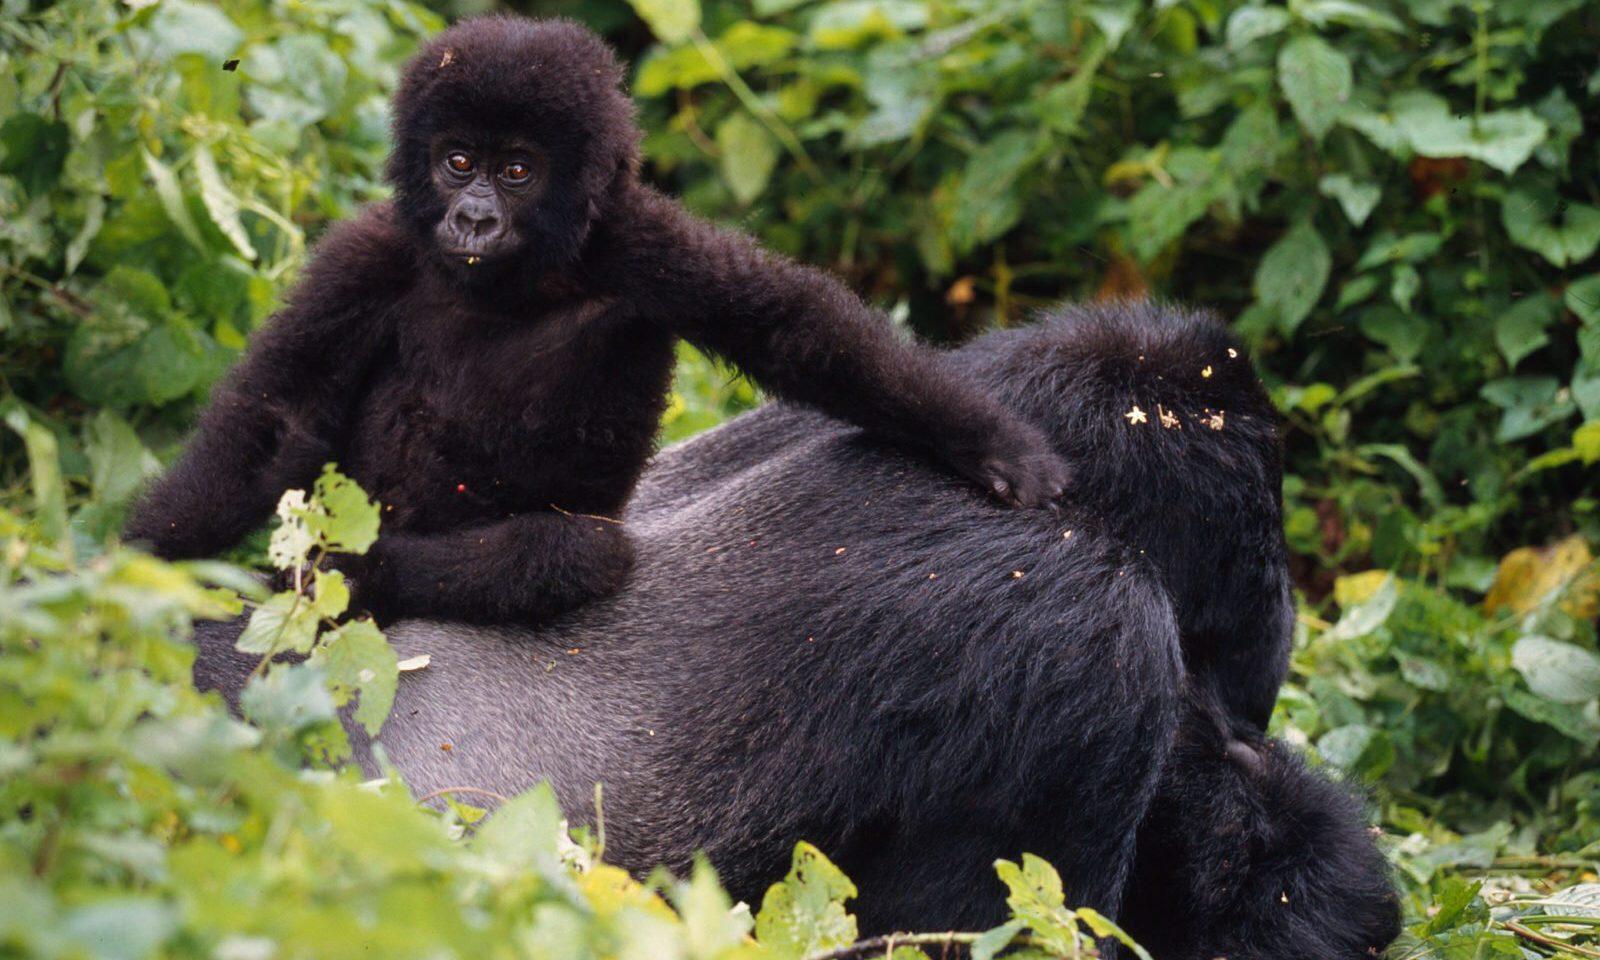 Positiv ökning av bergsgorillorna i Afrika – en av december månads hoppfulla nyheter!